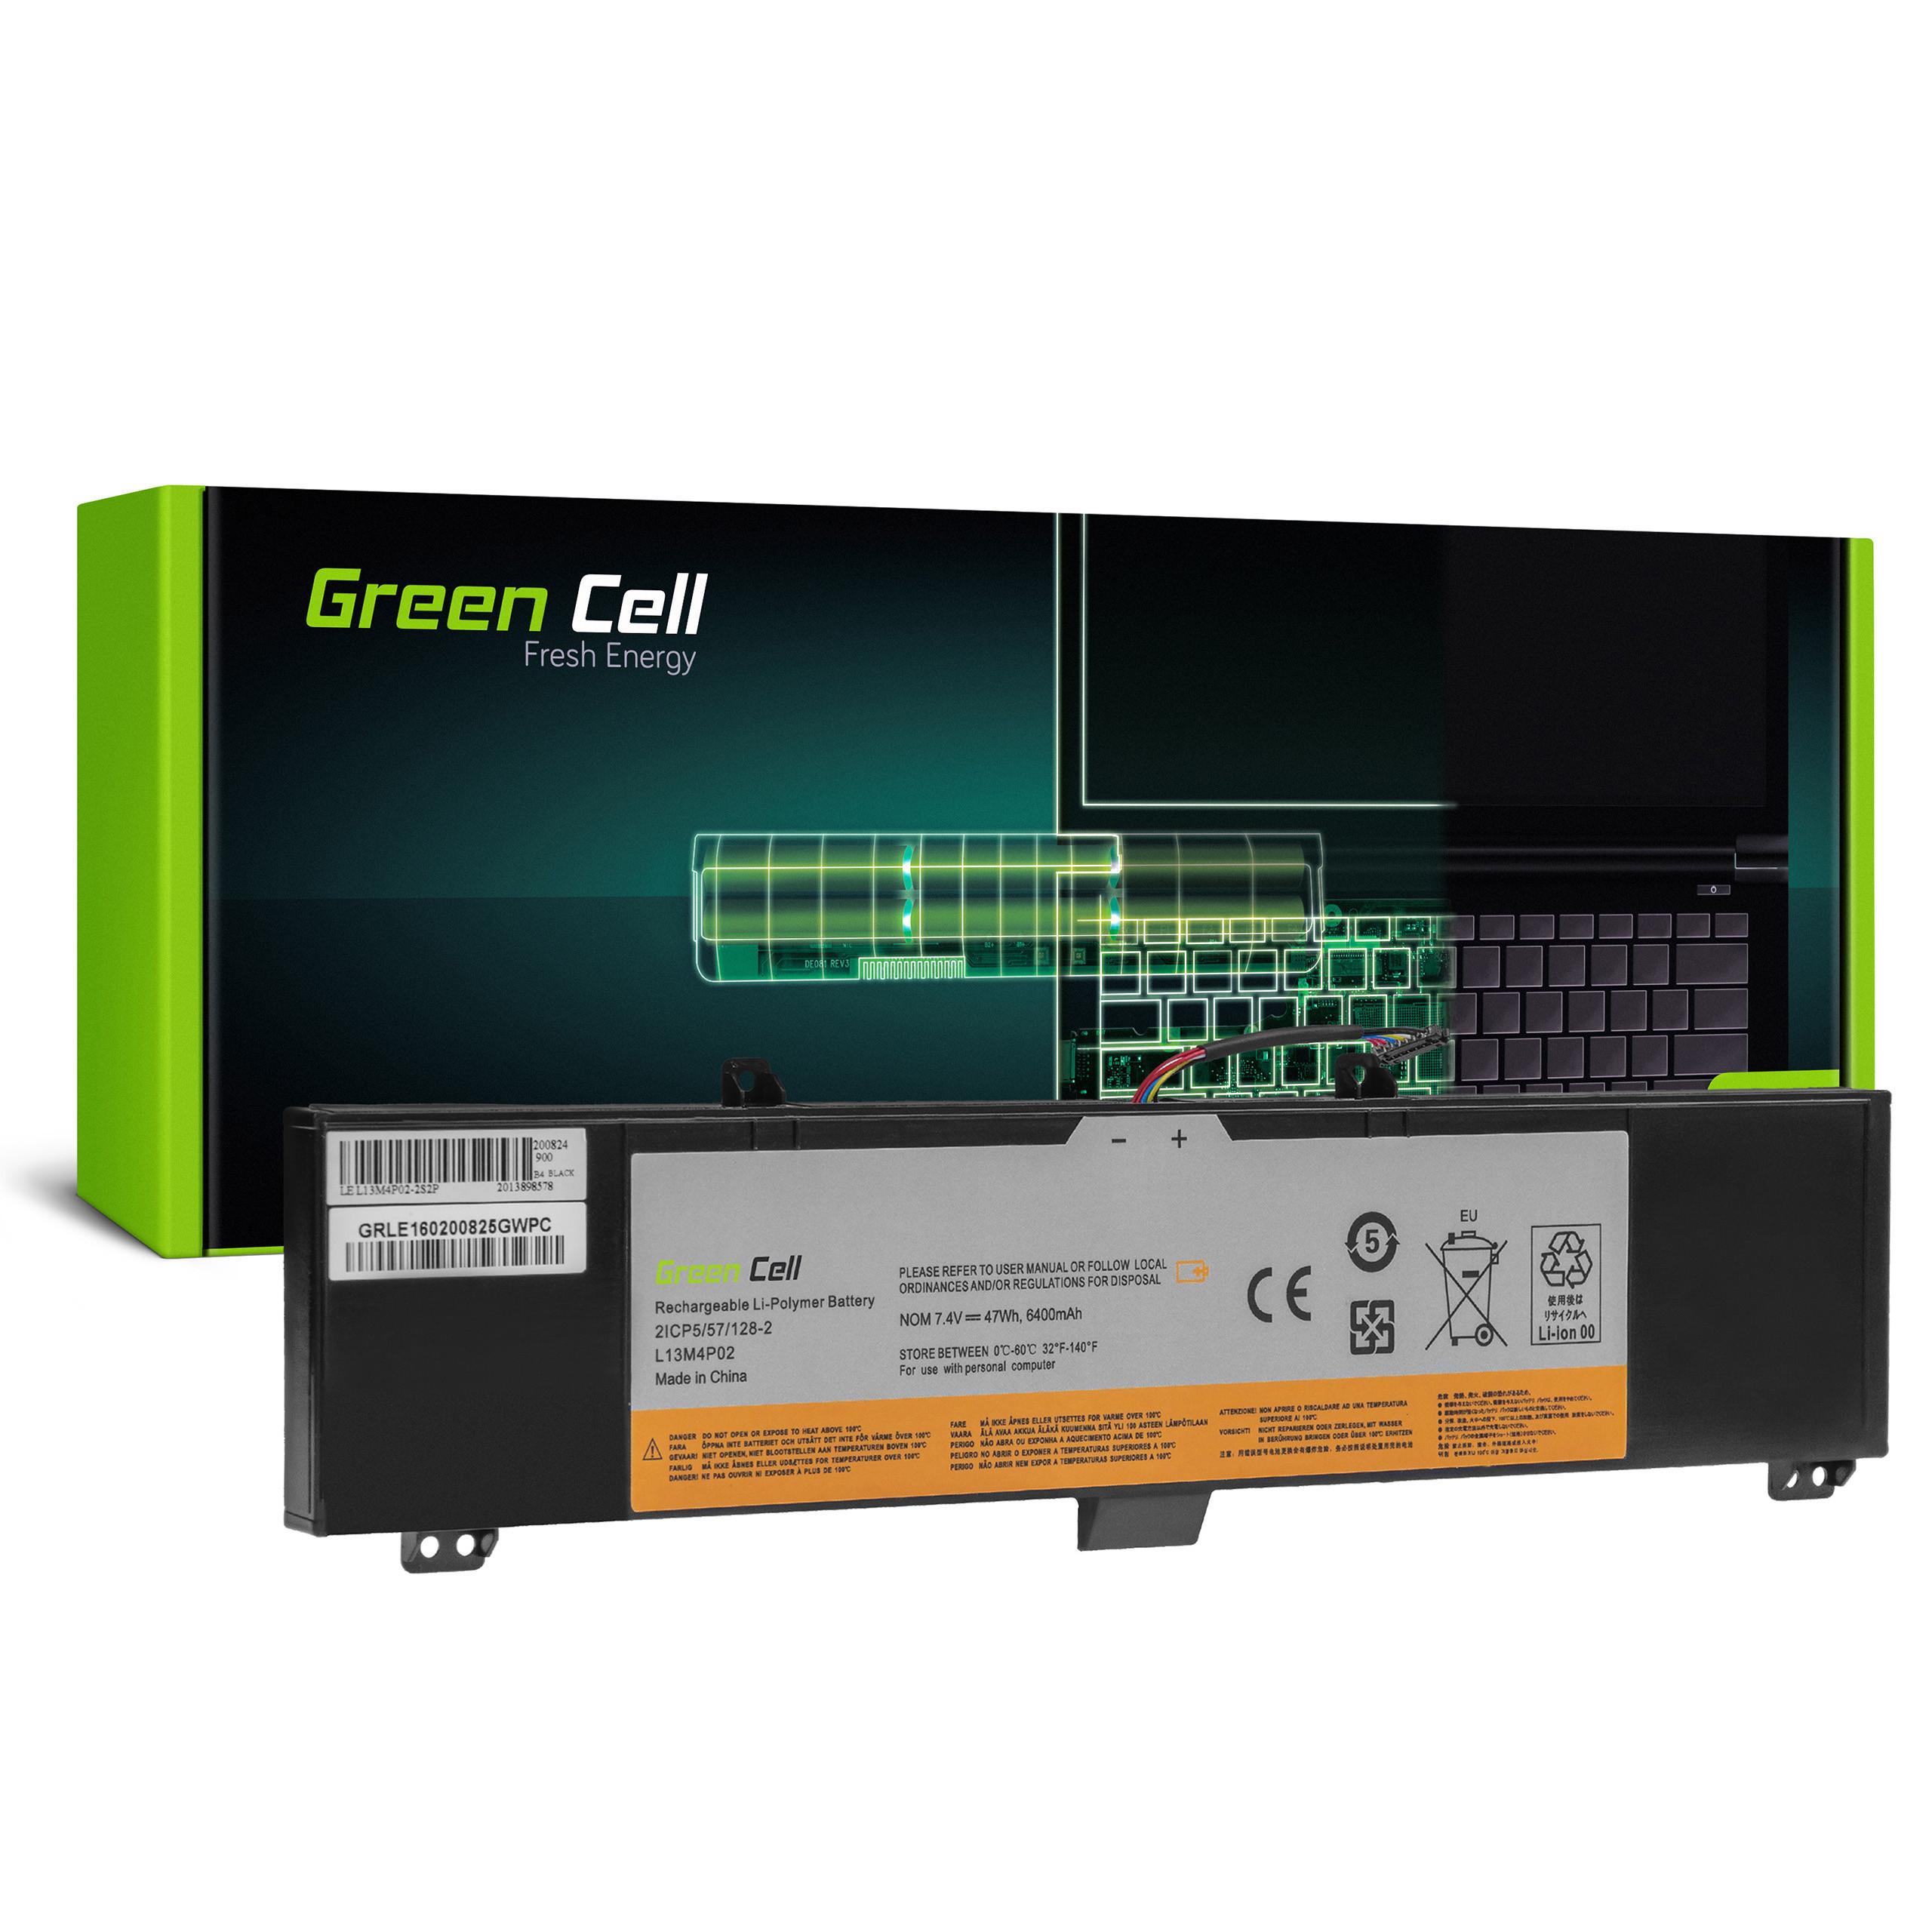 Green Cell Baterie L13M4P02 L13L4P02 L13N4P02 pro Lenovo Y50 Y50-70 Y70 Y70-70